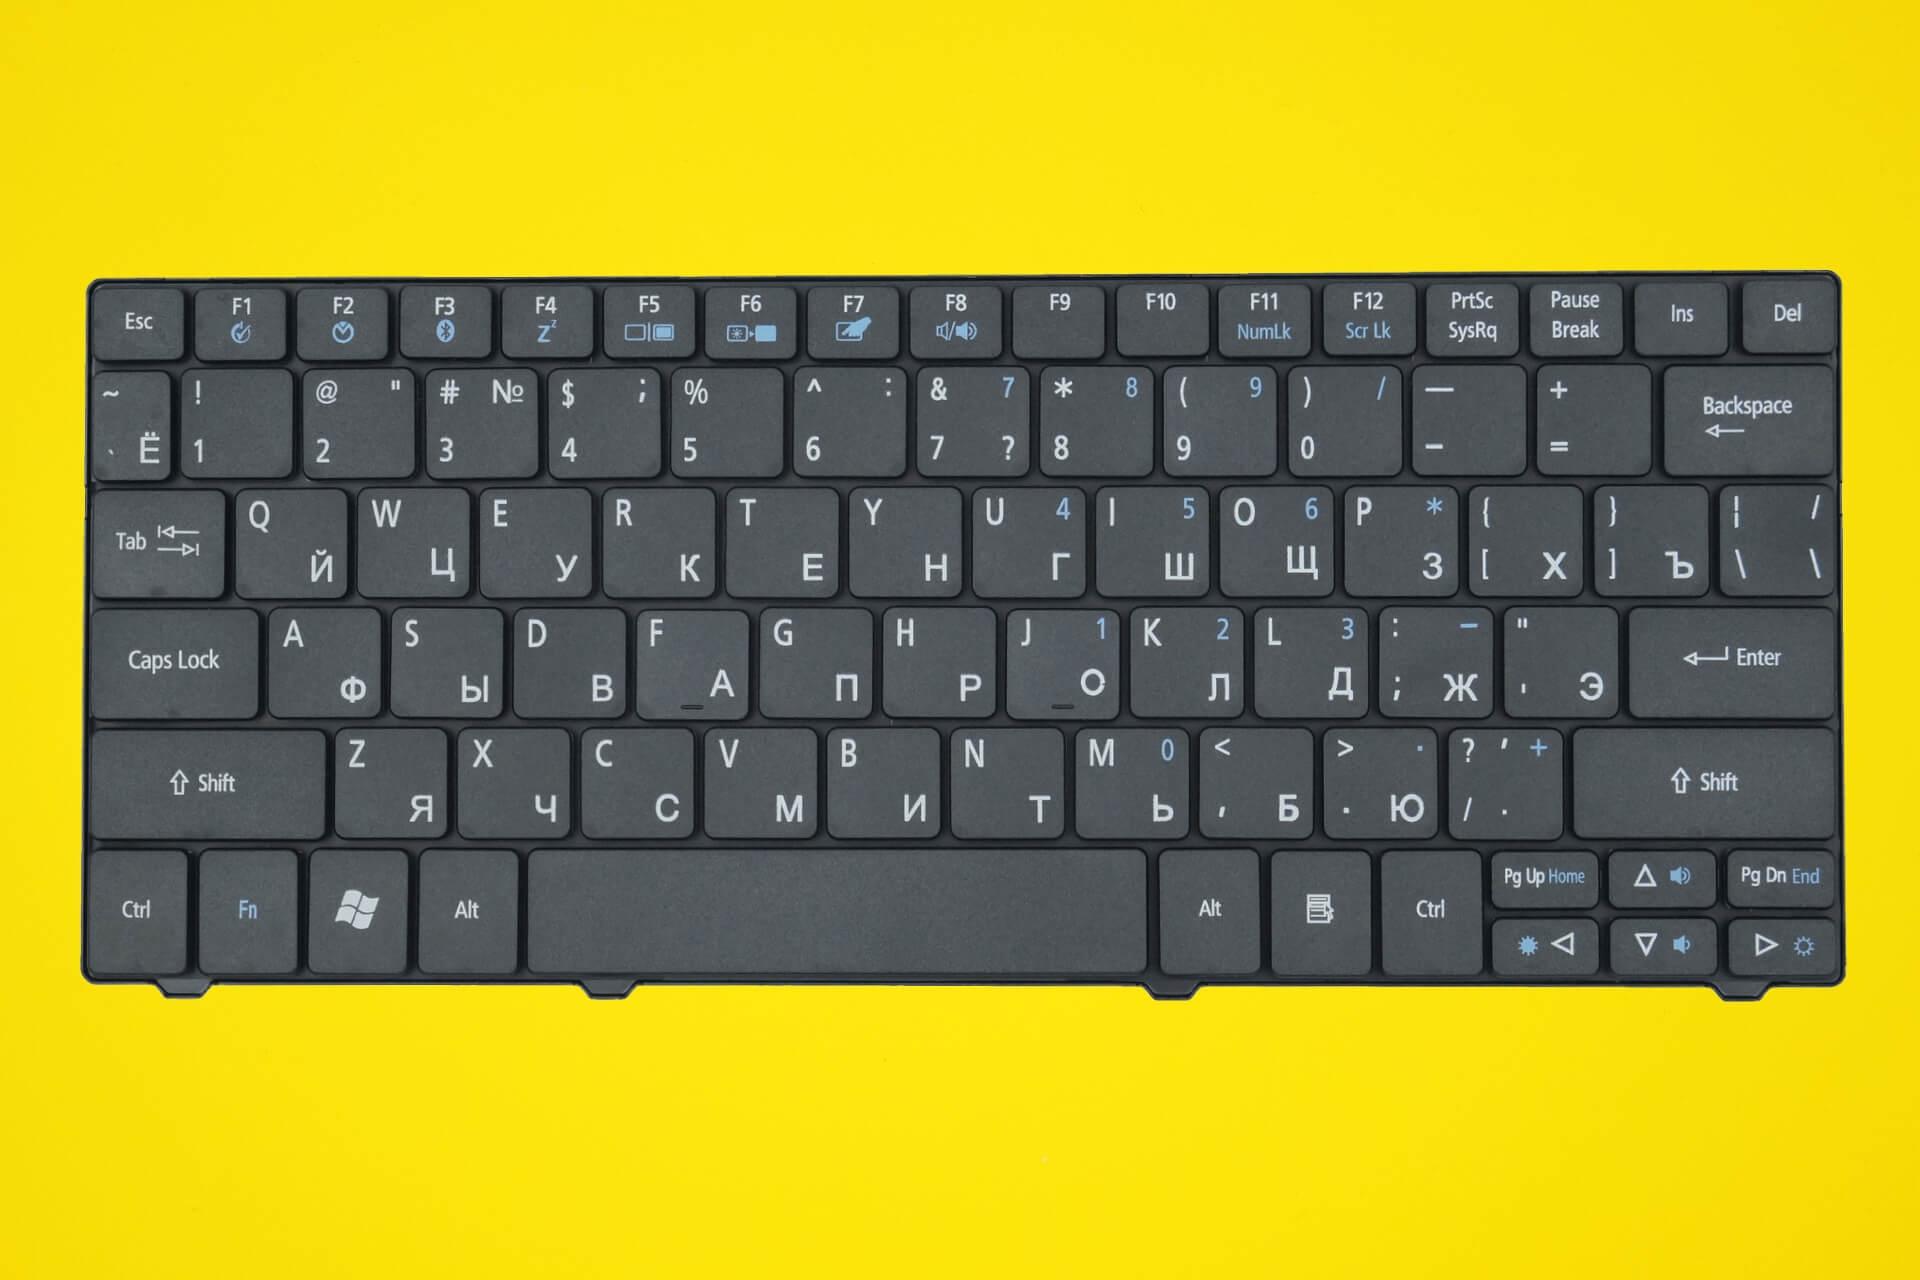 Русская клавиатура картинка на ноутбуке